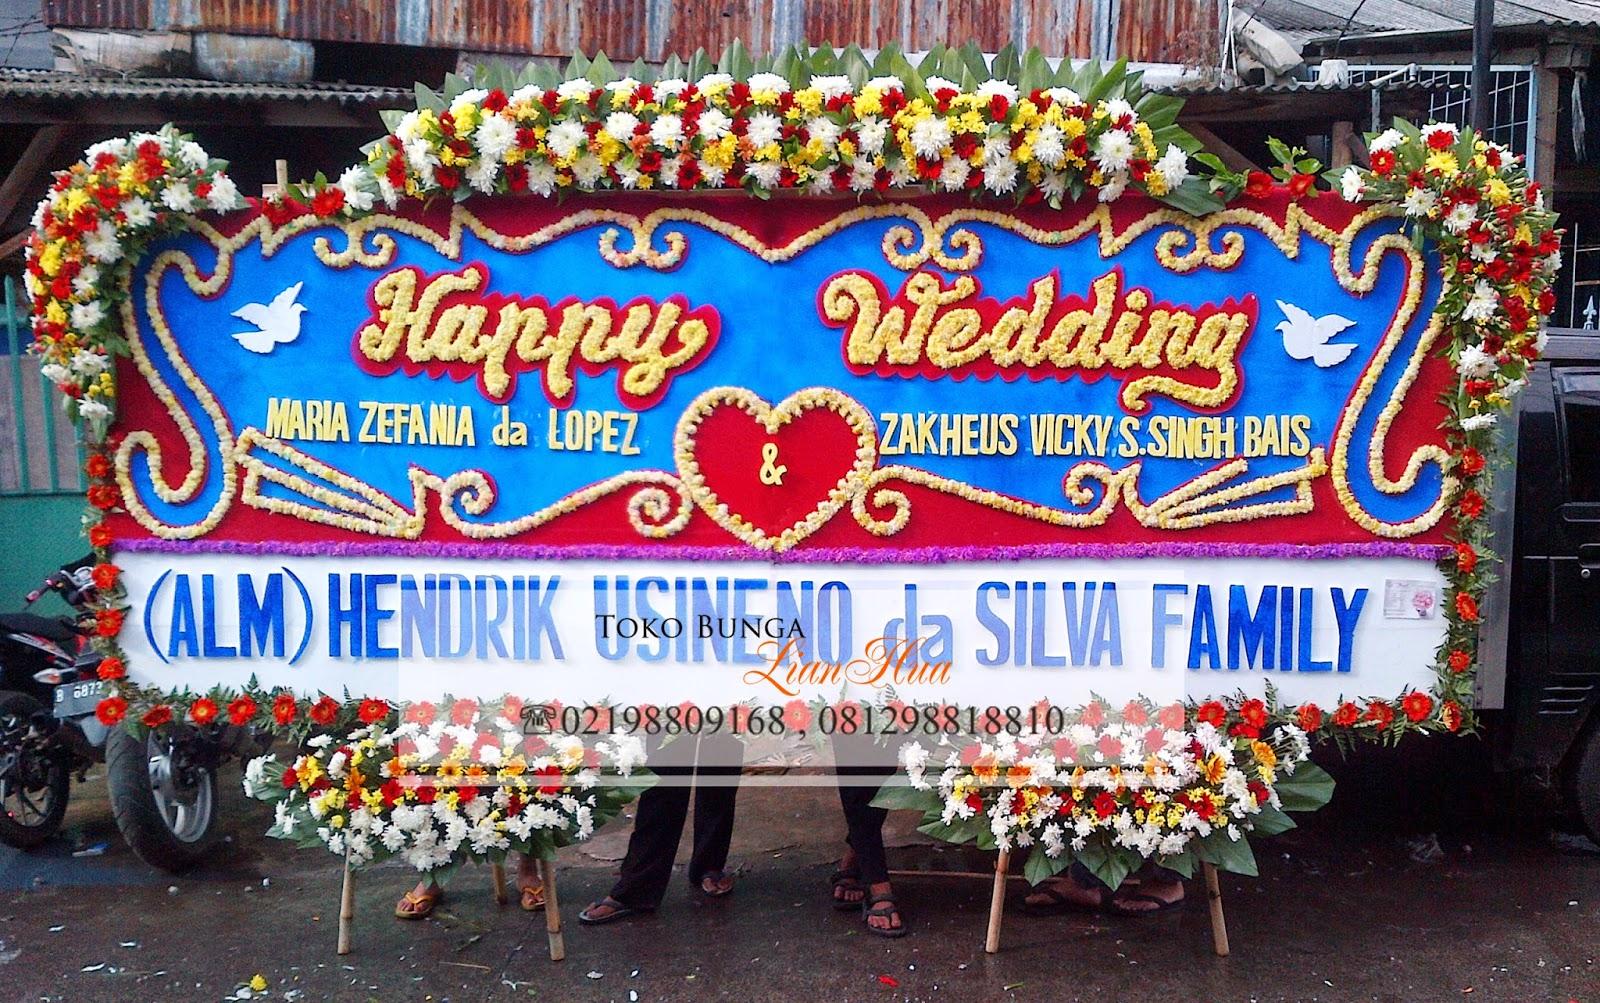 karangan bunga papan jakarta terbesar dan terbagus, papan bunga paling mewah dan mahal